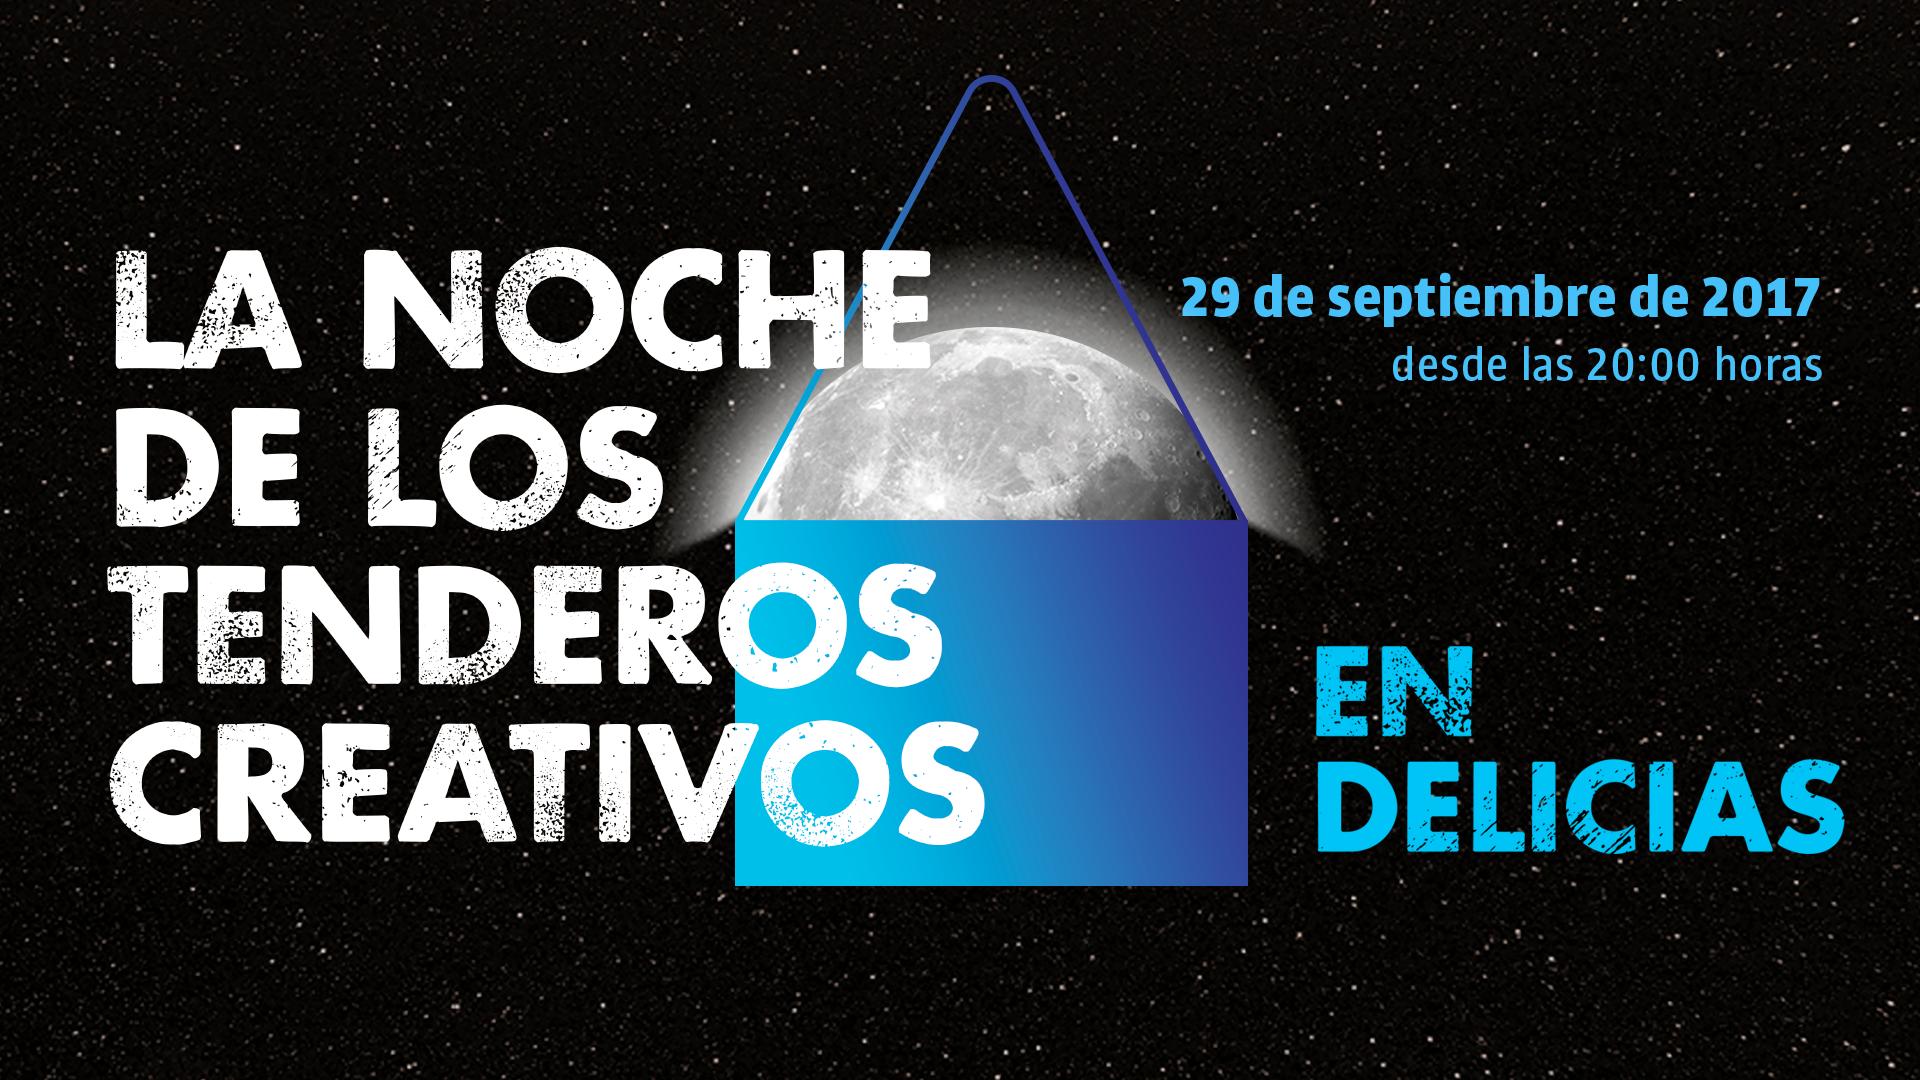 Ayuntamiento de zaragoza noticias la noche de los - Novedades delicias ...